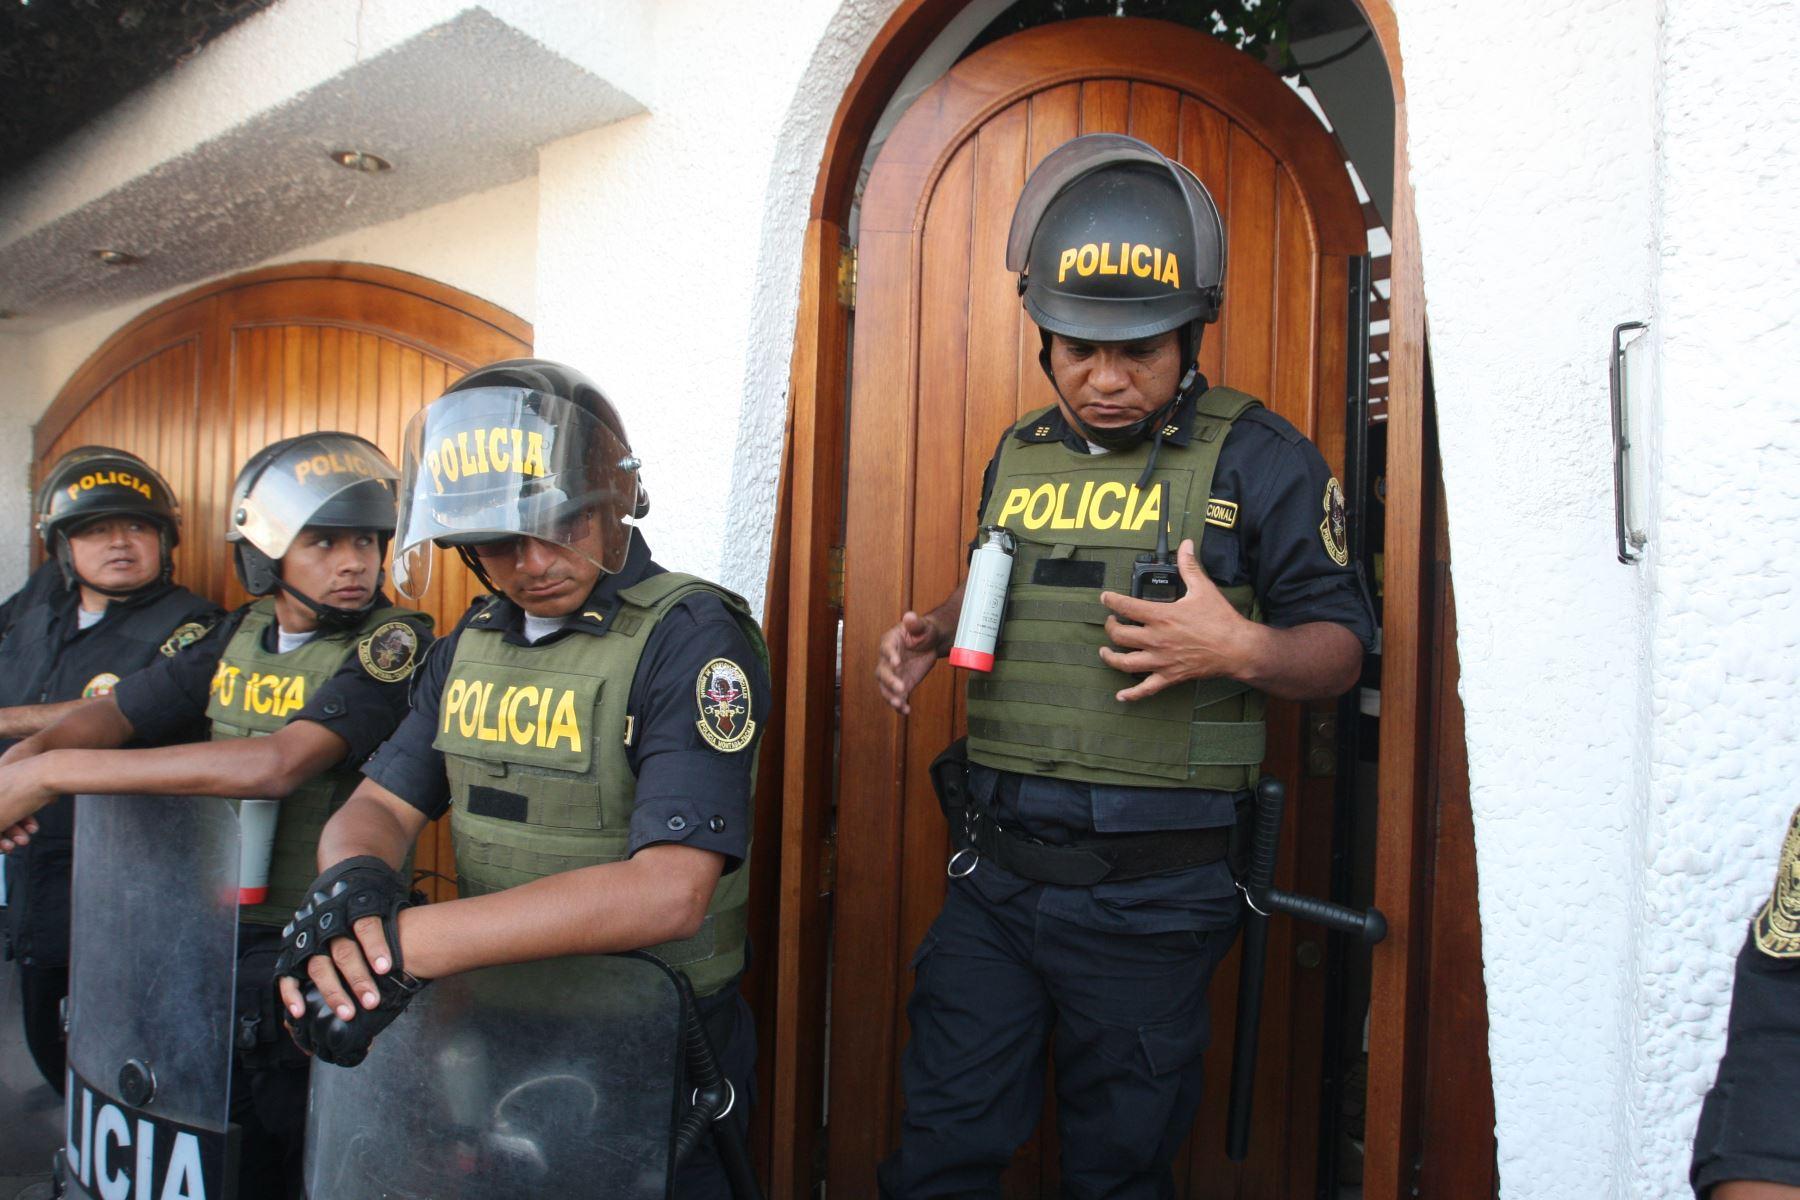 Presidente de la Federacion peruana de futbol,Edwin Oviedo, llega a los juzgados anticorrupcion en el cercado de Lima.Foto:ANDINA/Héctor Vinces.